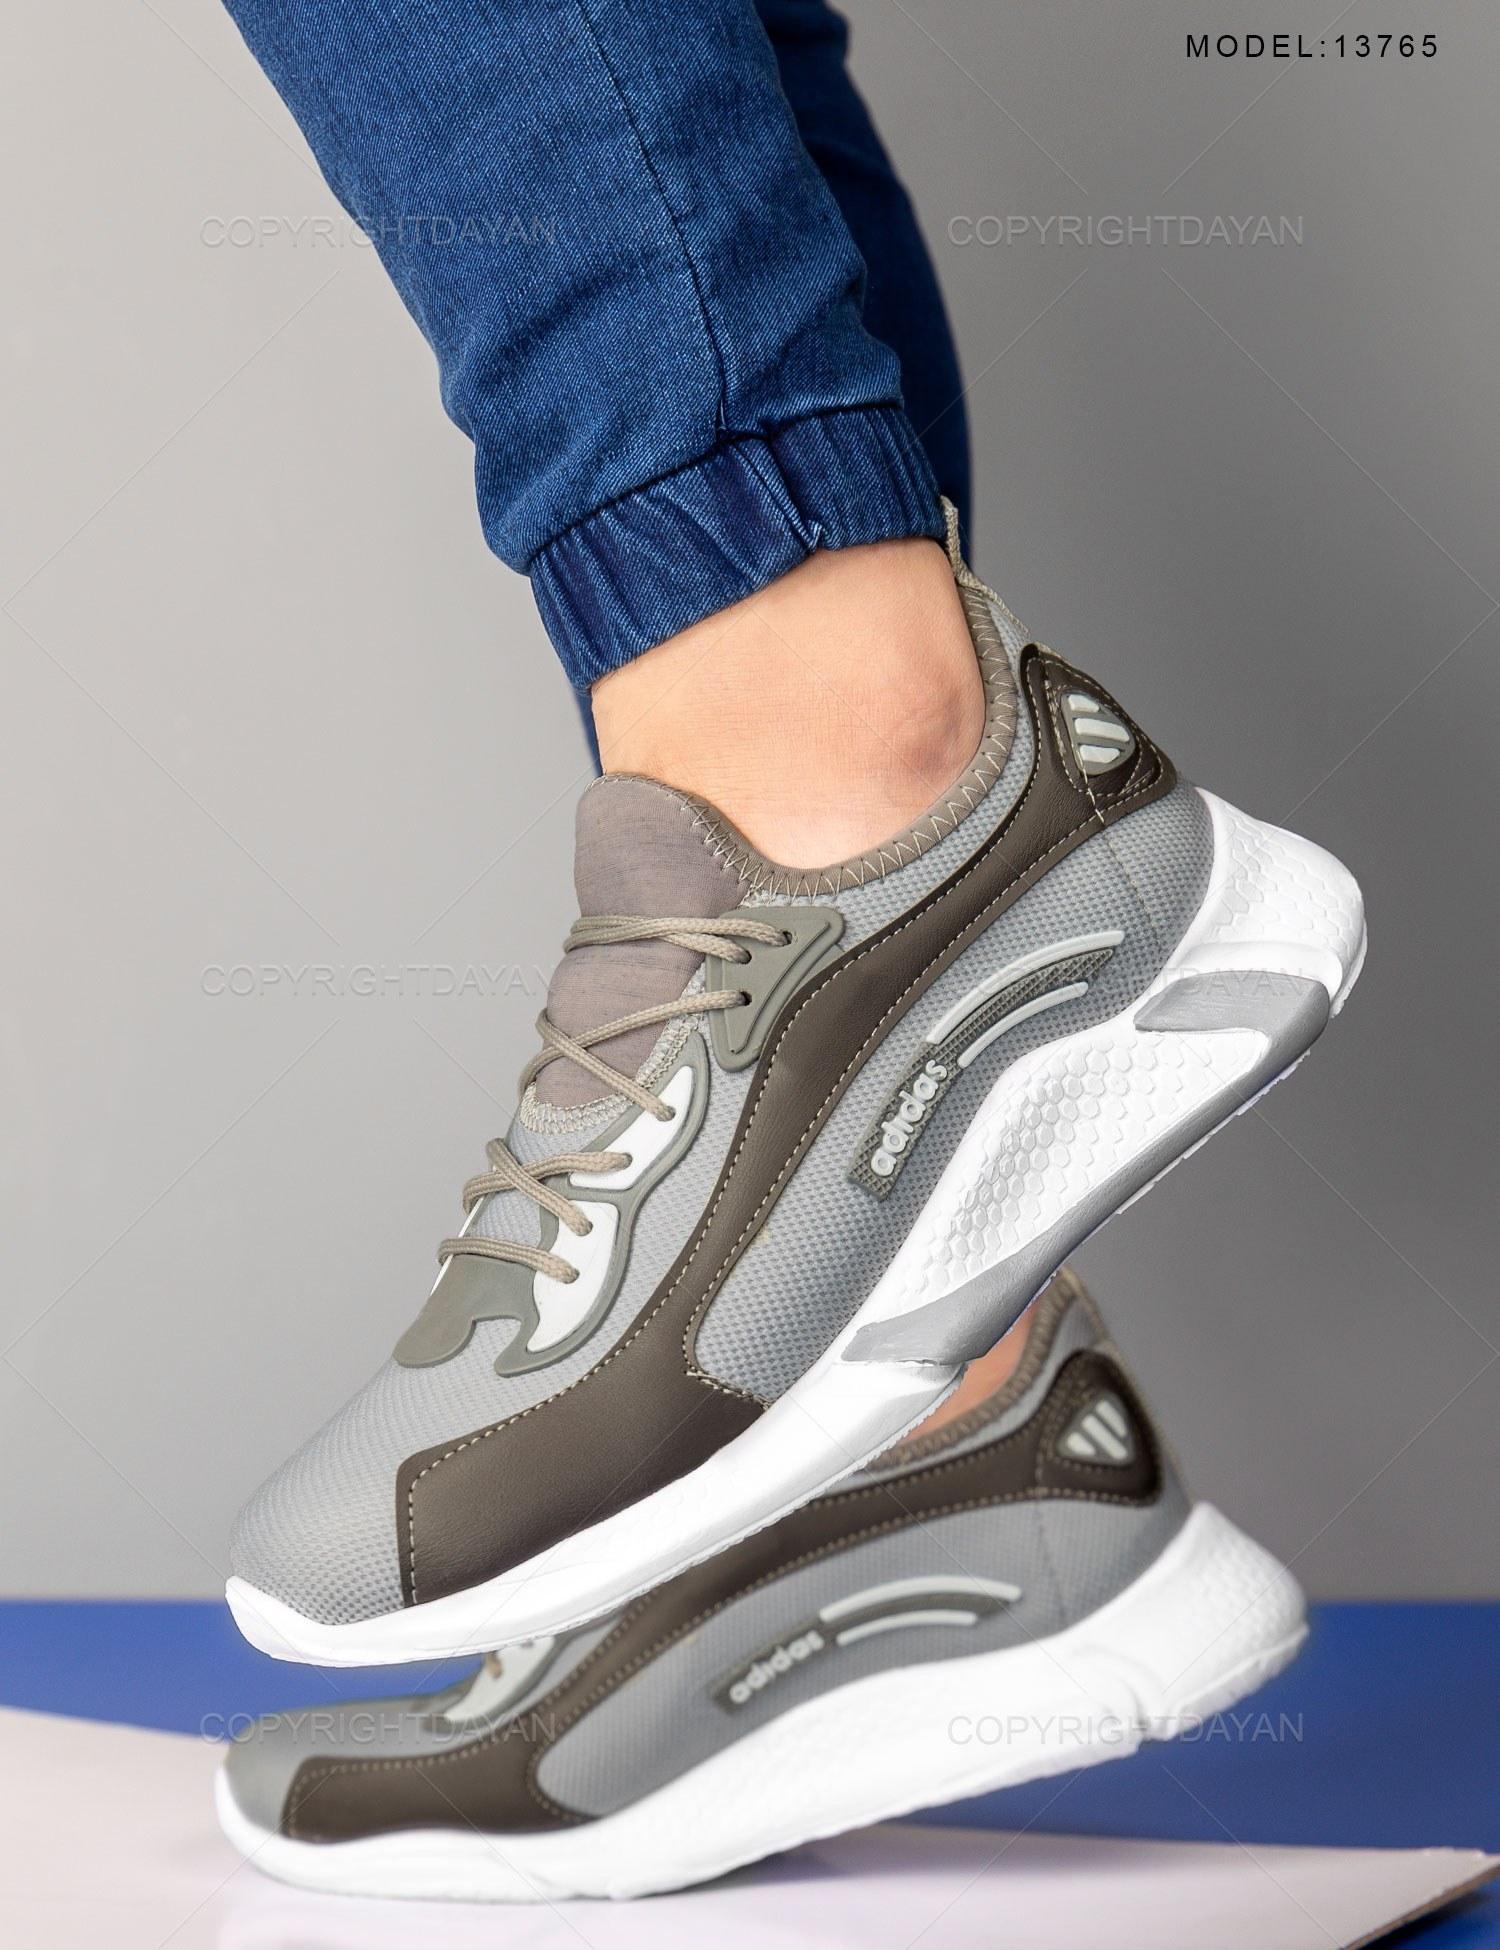 عکس کفش روزمره مردانه Adidas مدل 13765  کفش-روزمره-مردانه-adidas-مدل-13765